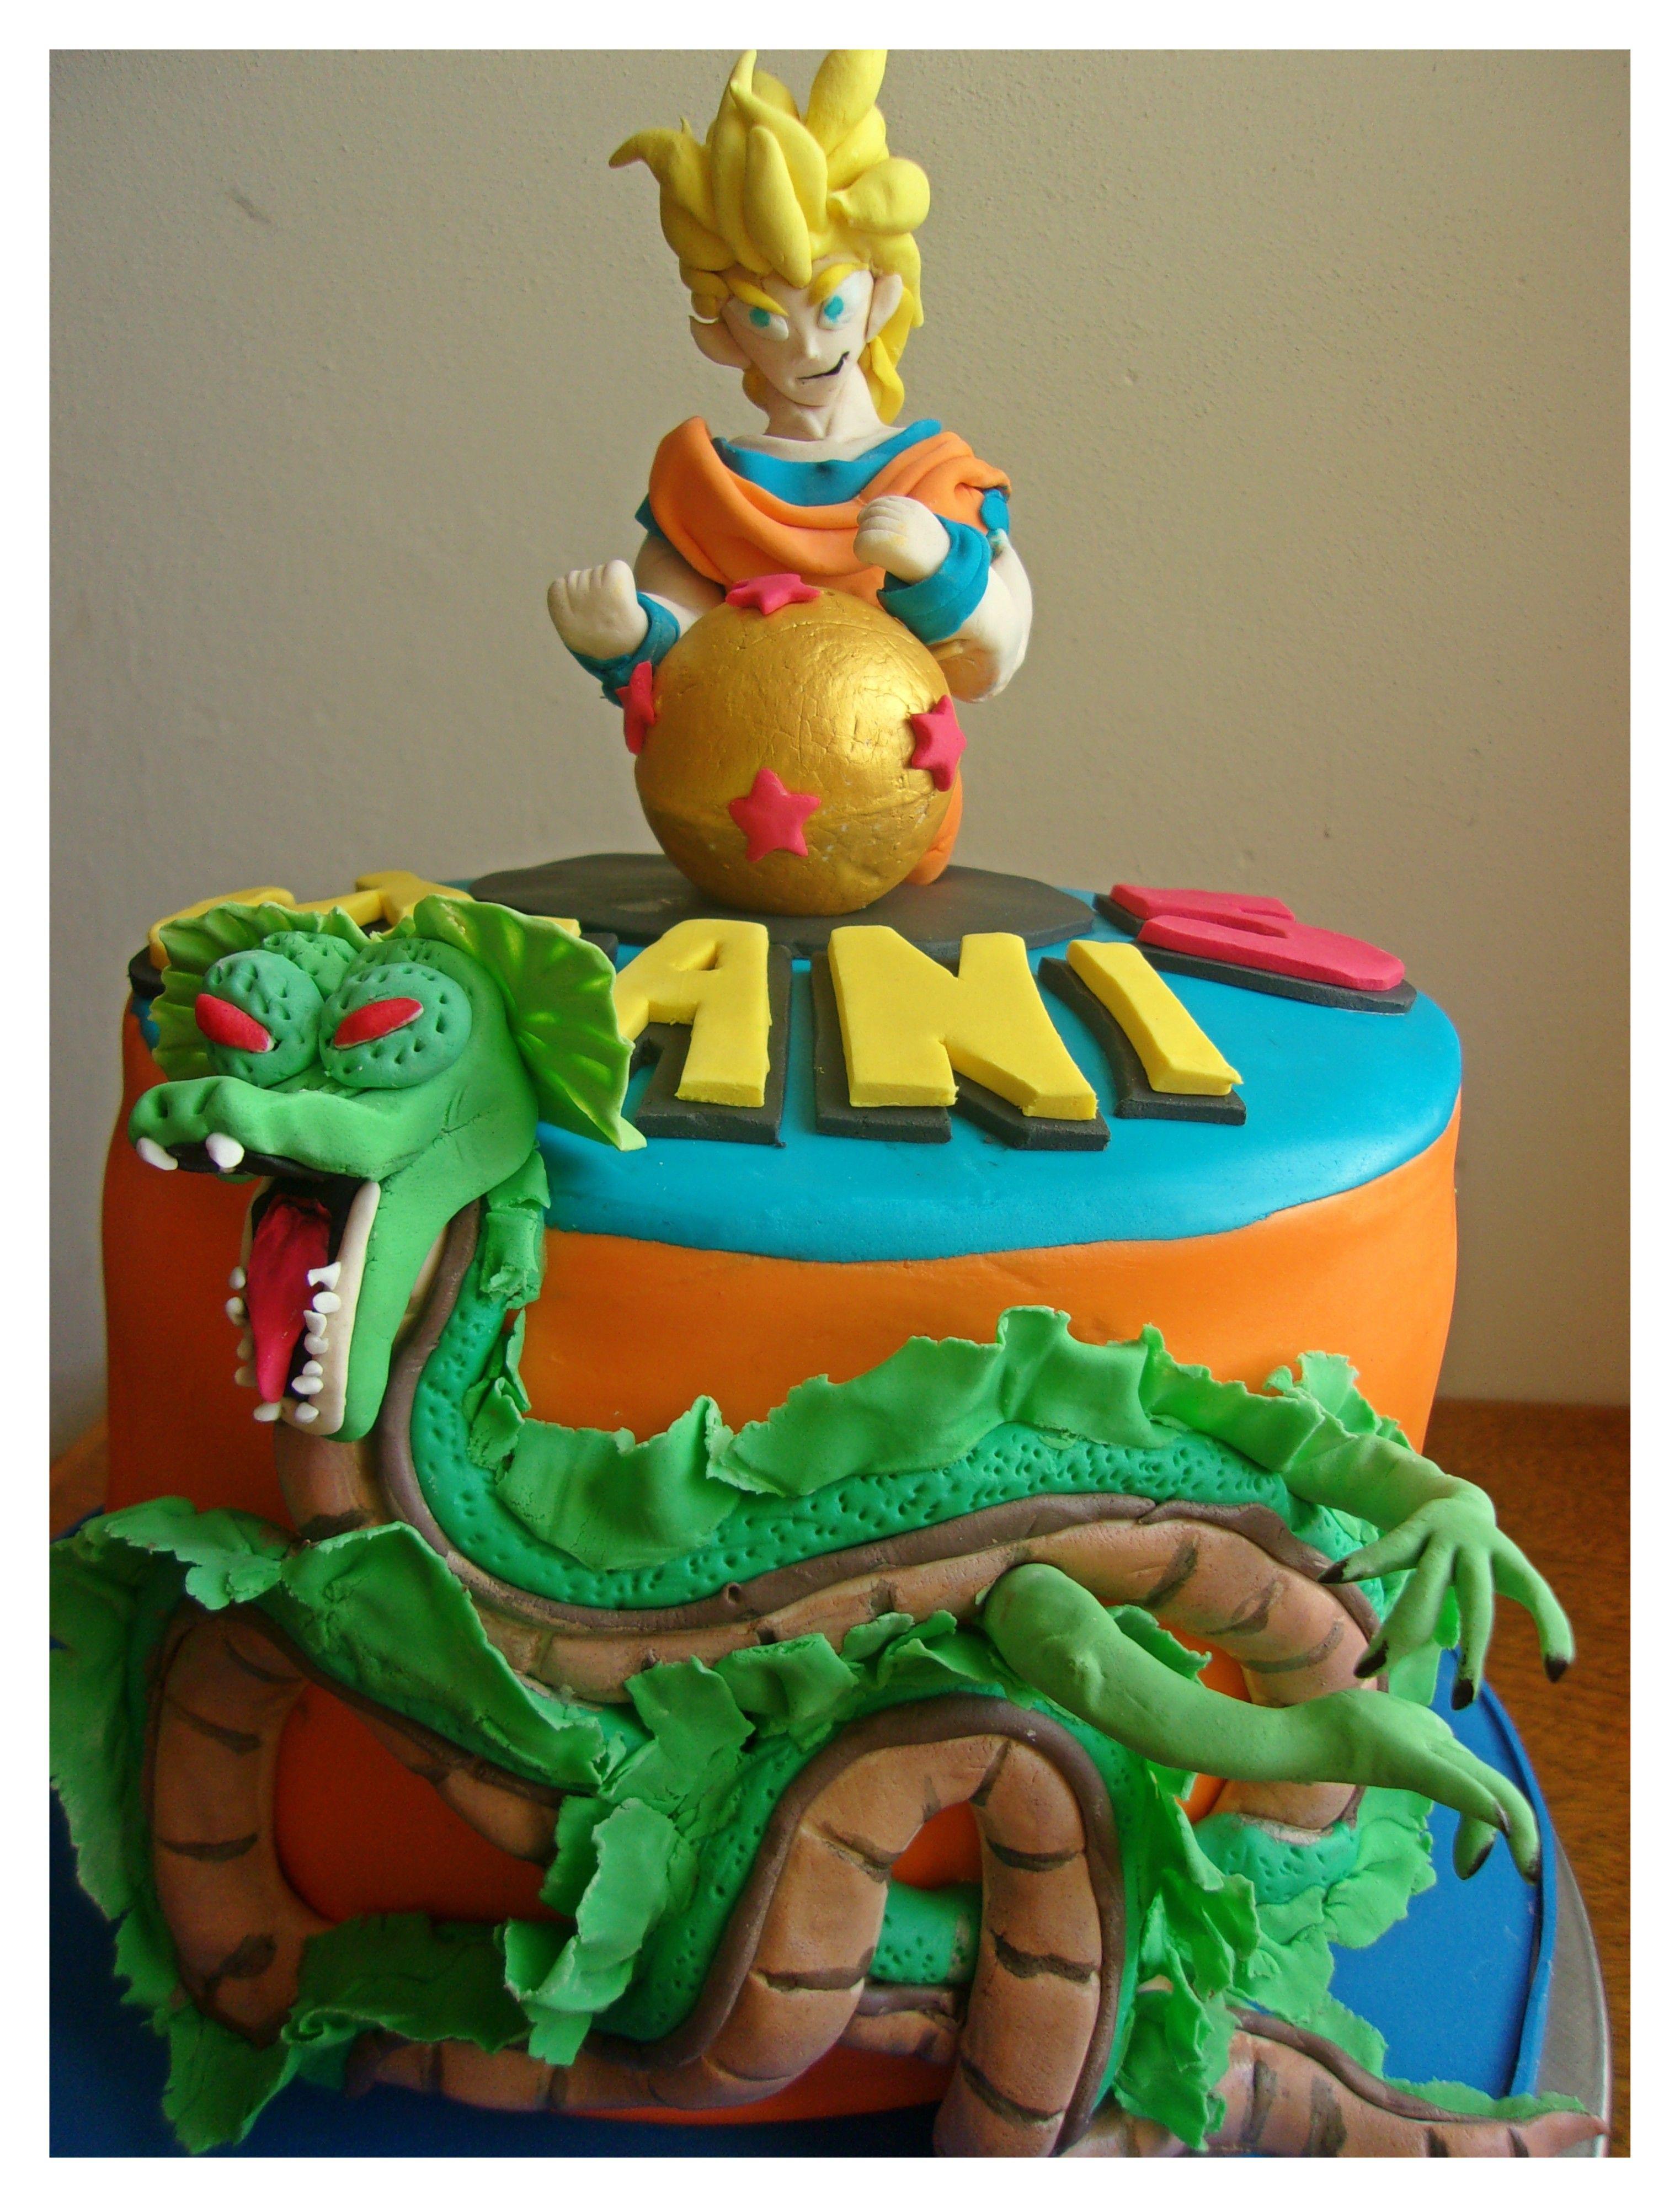 Dragon Ball Z Cake Torta Dragon Ball Z Cumpleaos Infantiles